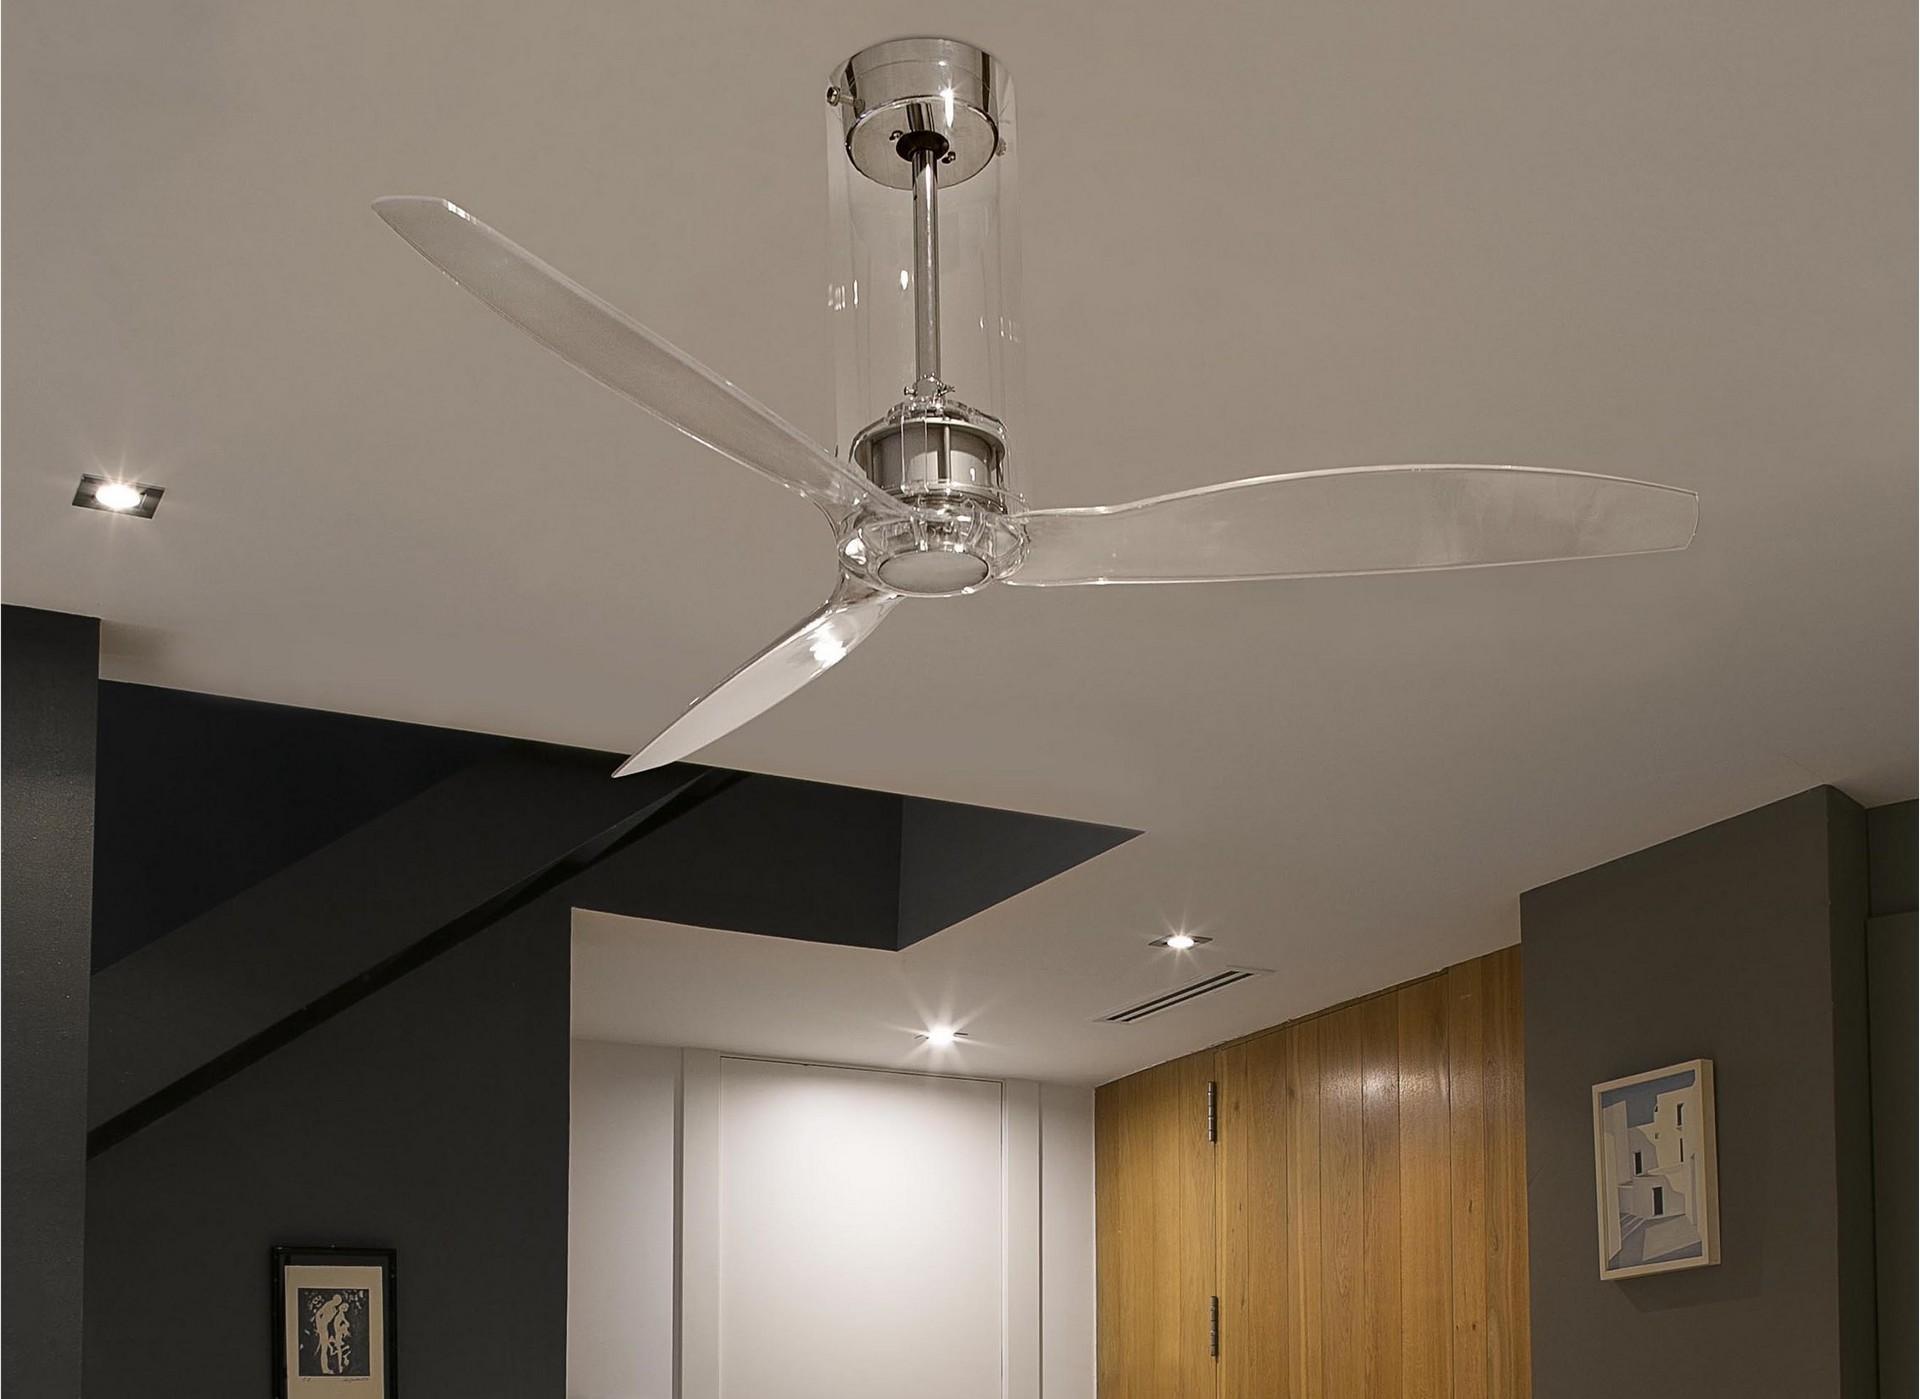 Ventilatori da soffitto una collezione di idee per idee - Ventilatori da soffitto vortice ...